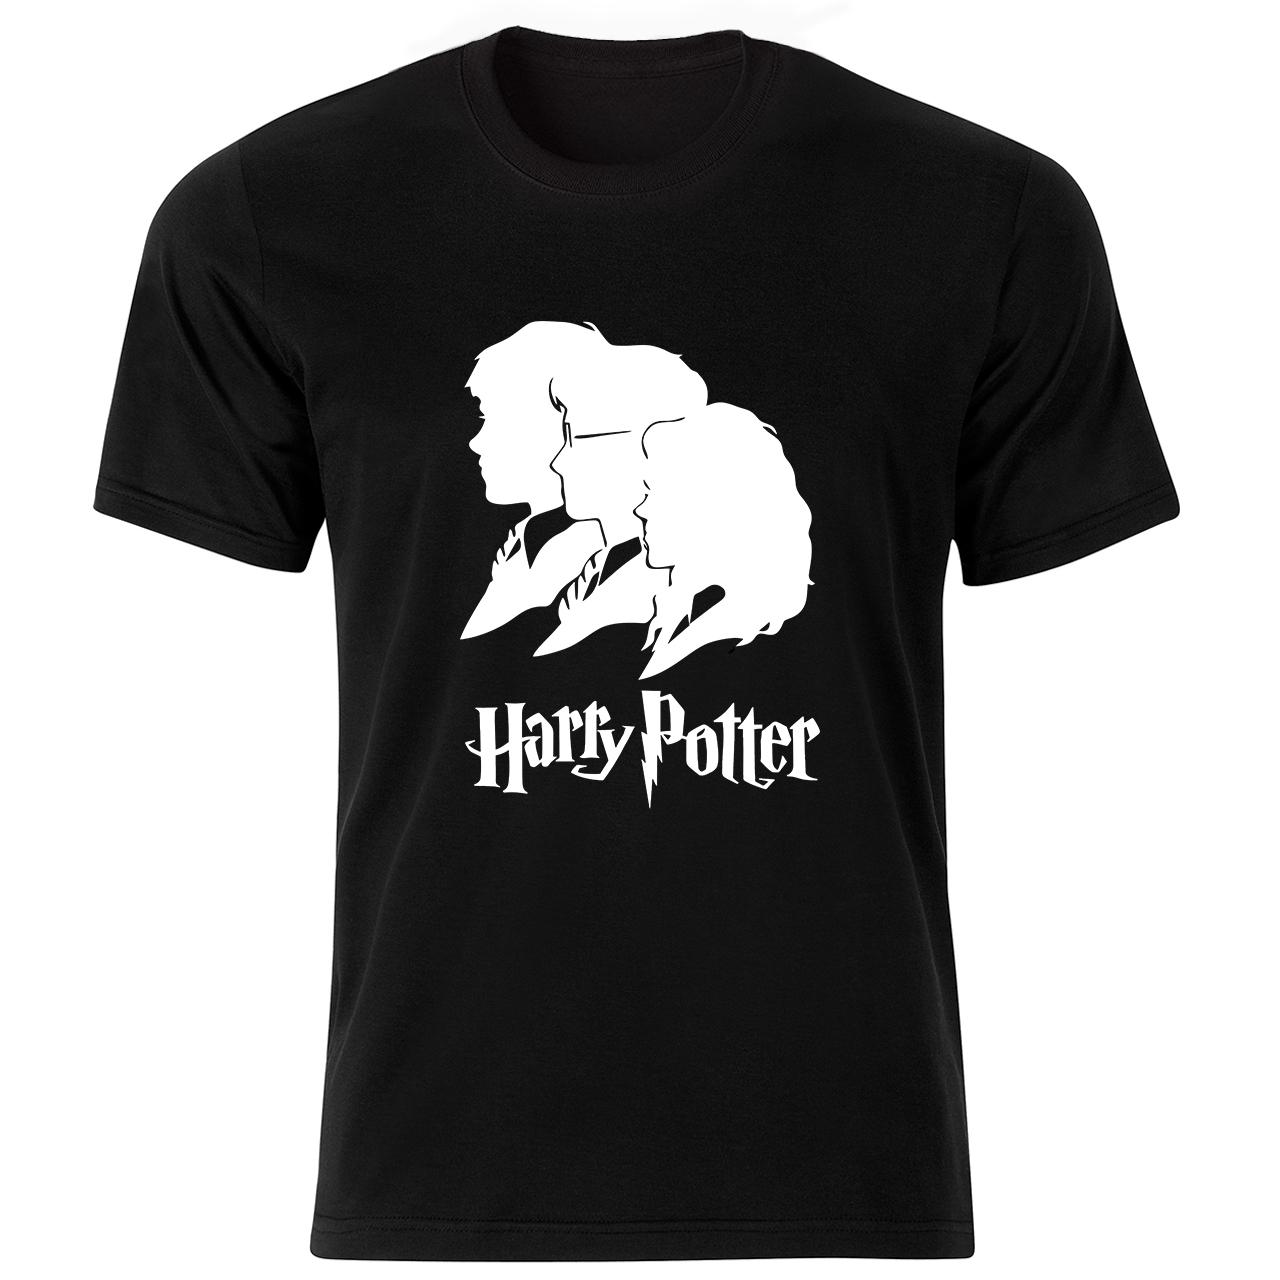 تی شرت آستین کوتاه مردانه طرح هری پاتر کد 18135 BW